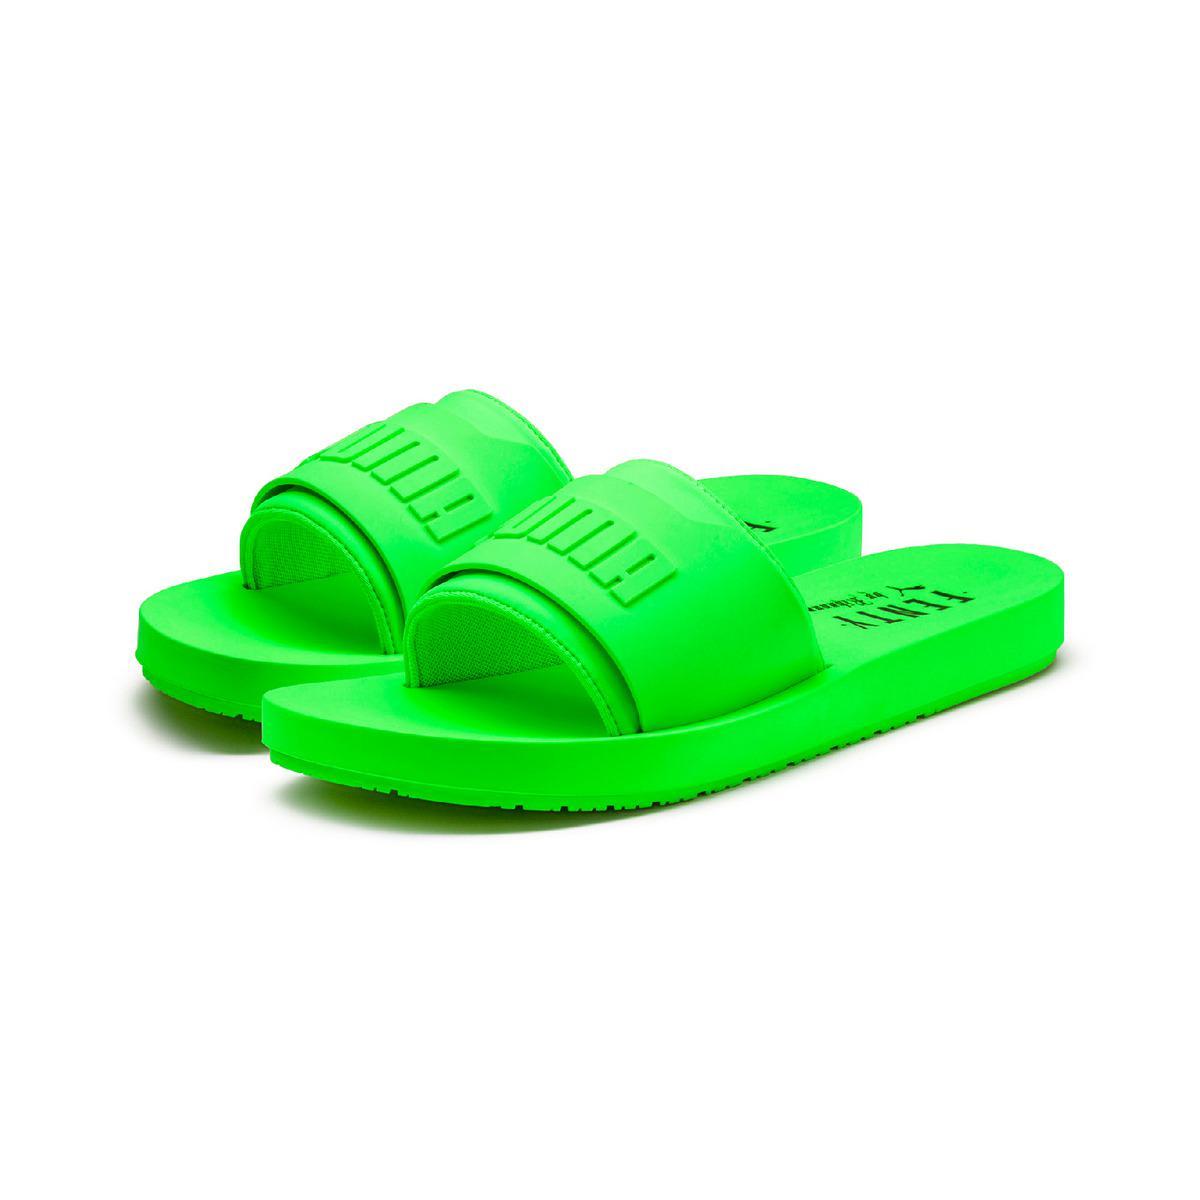 ae7b1b52a38335 PUMA - Green Fenty Surf Slide Swim Flip-flops - Lyst. View fullscreen